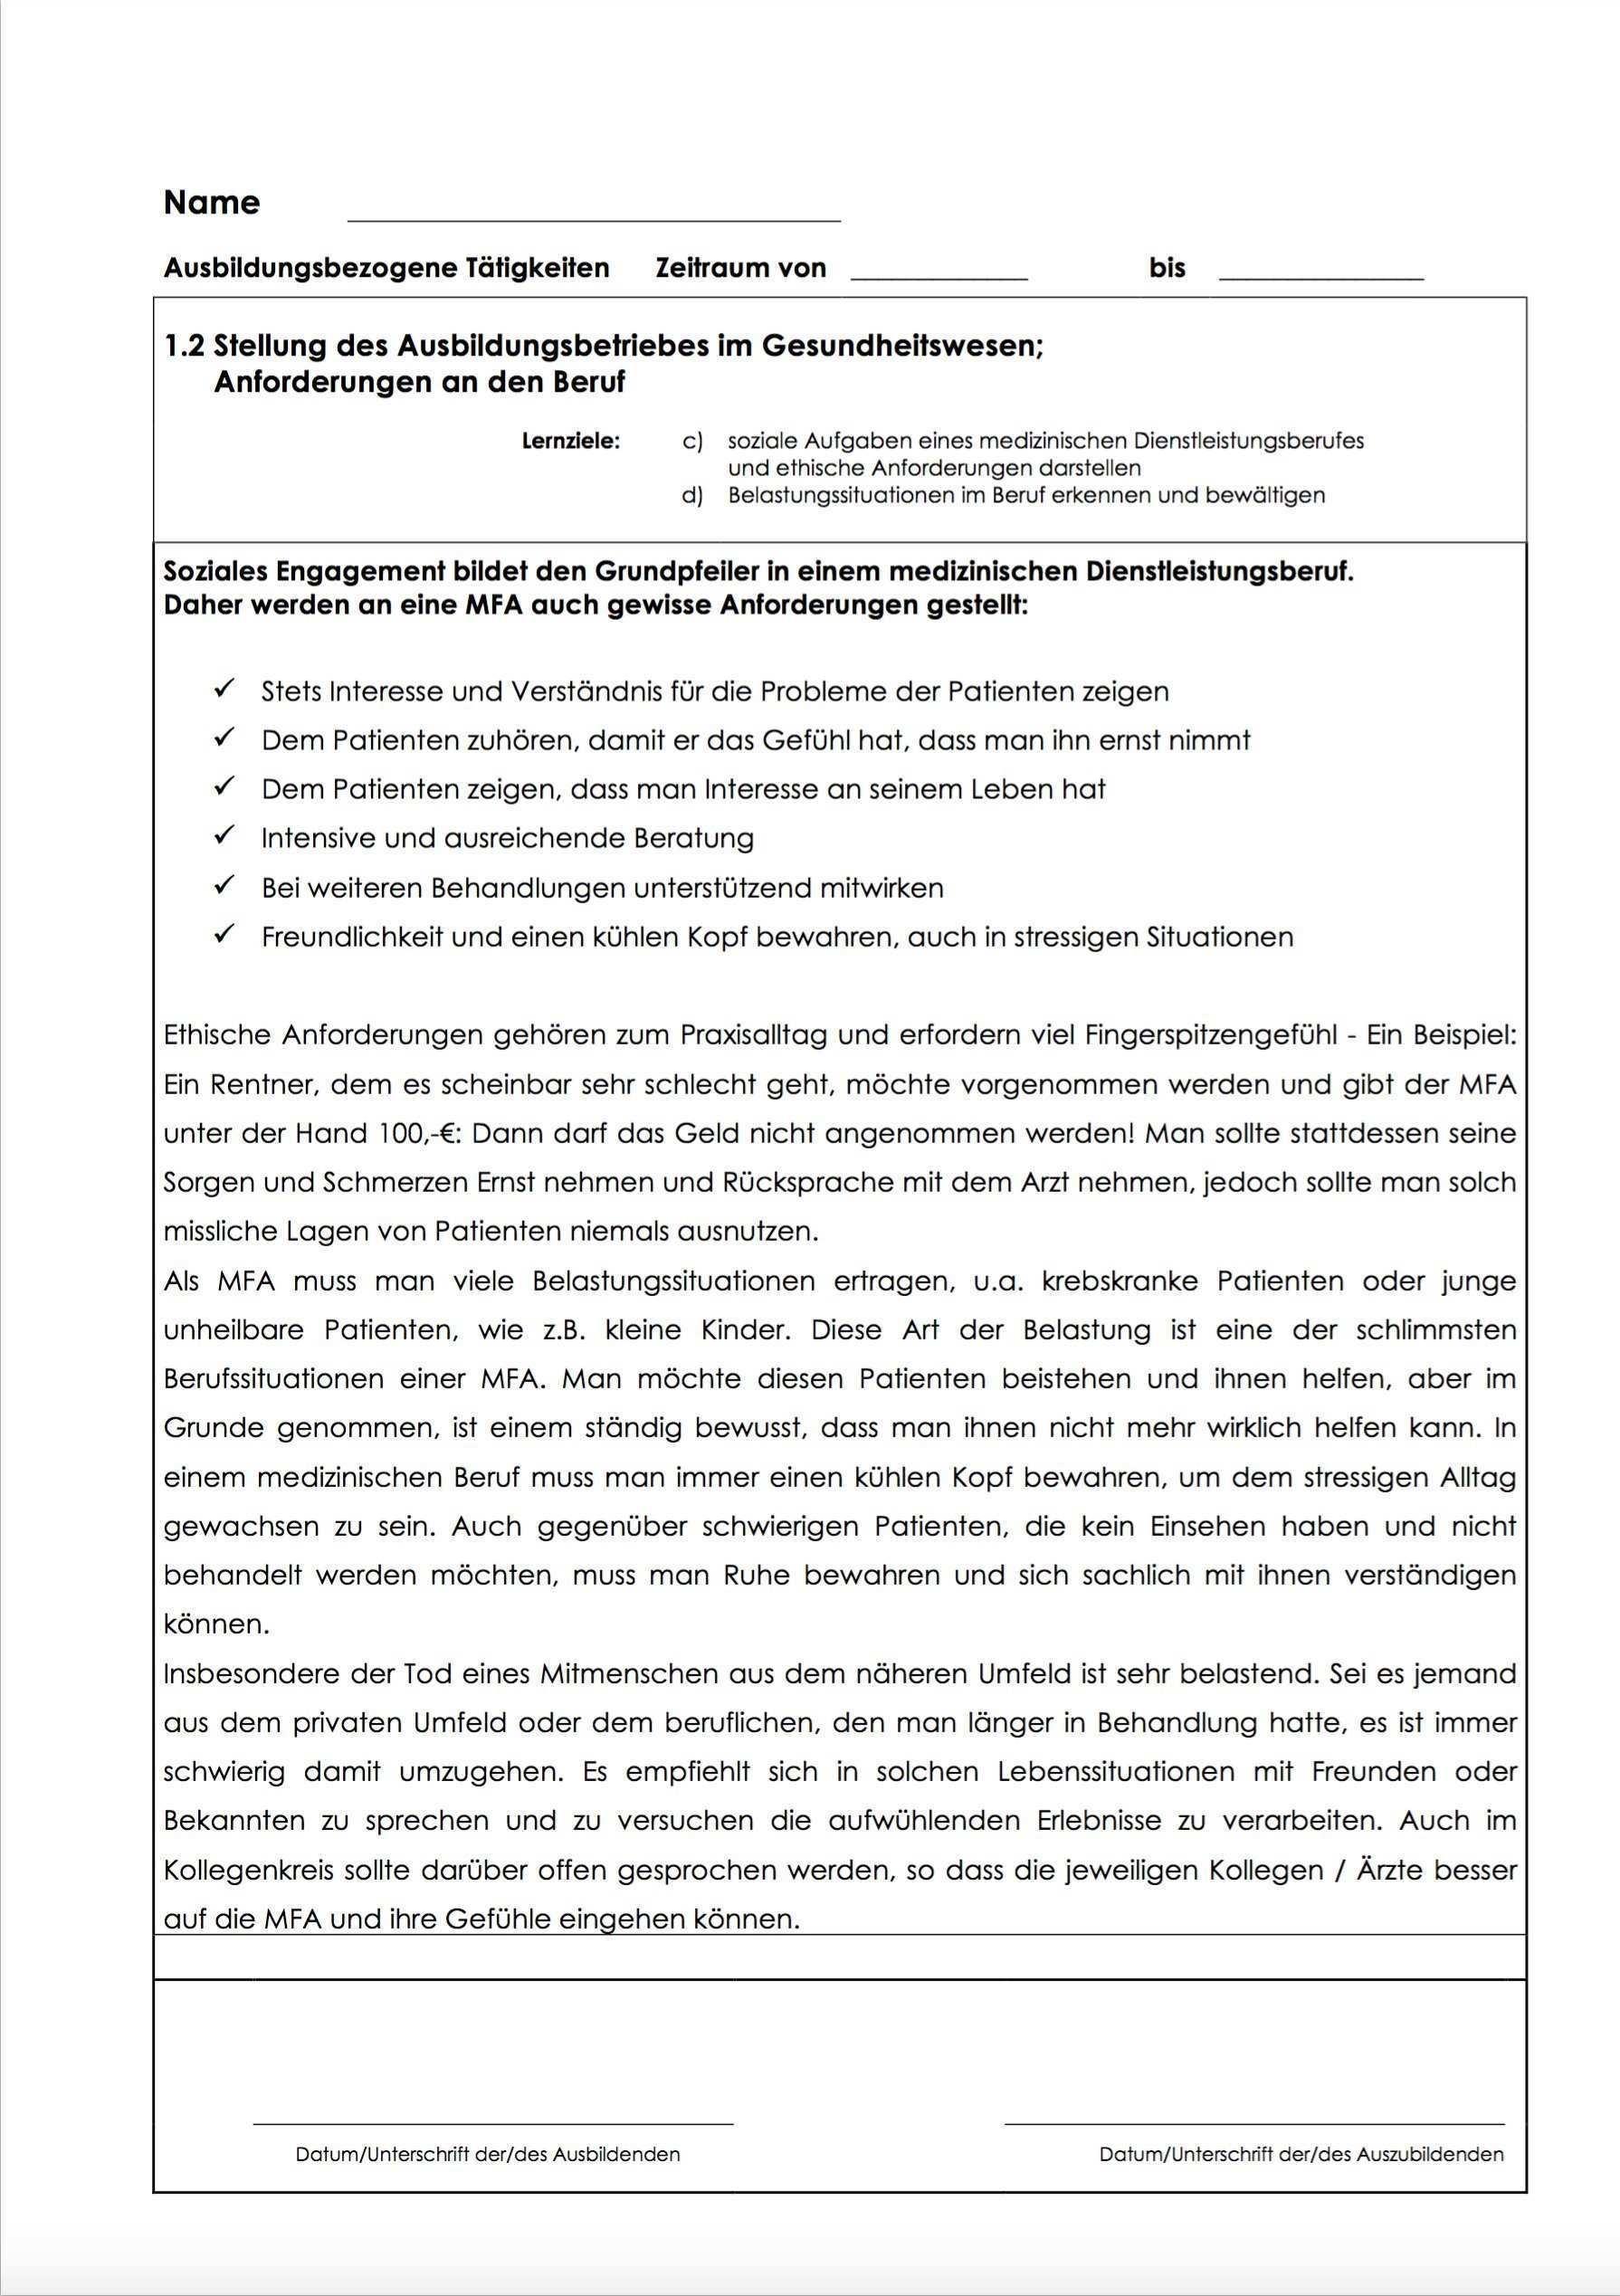 Das Mfa Berichtsheft Als Musterlosung Fur Medizinische Fachangestellte Amazon De Marie Reiter Deinberichtsheft De Christina Hoster Bucher